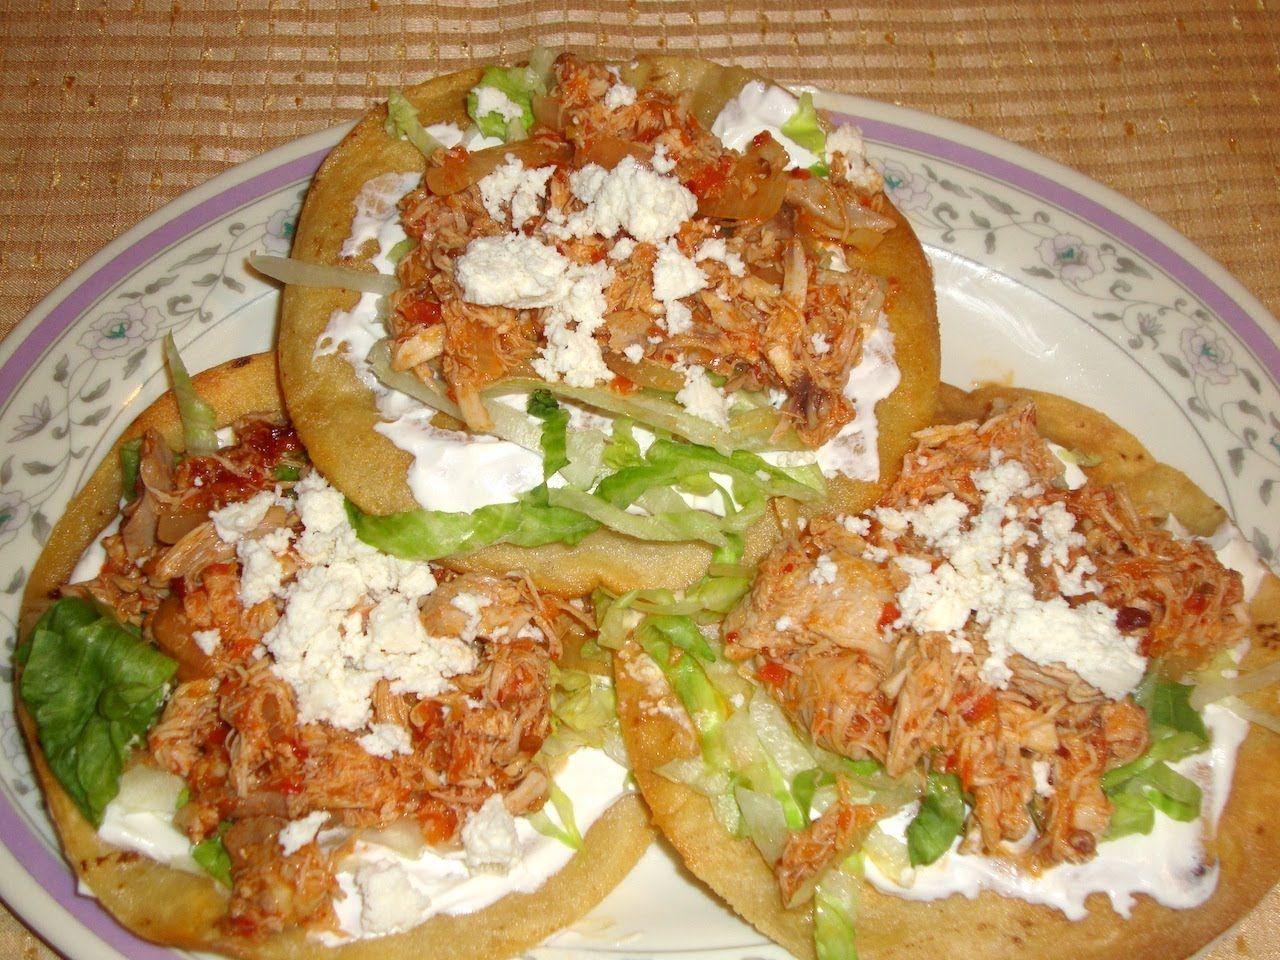 Receta de tinga de pollo - Comida mexicana